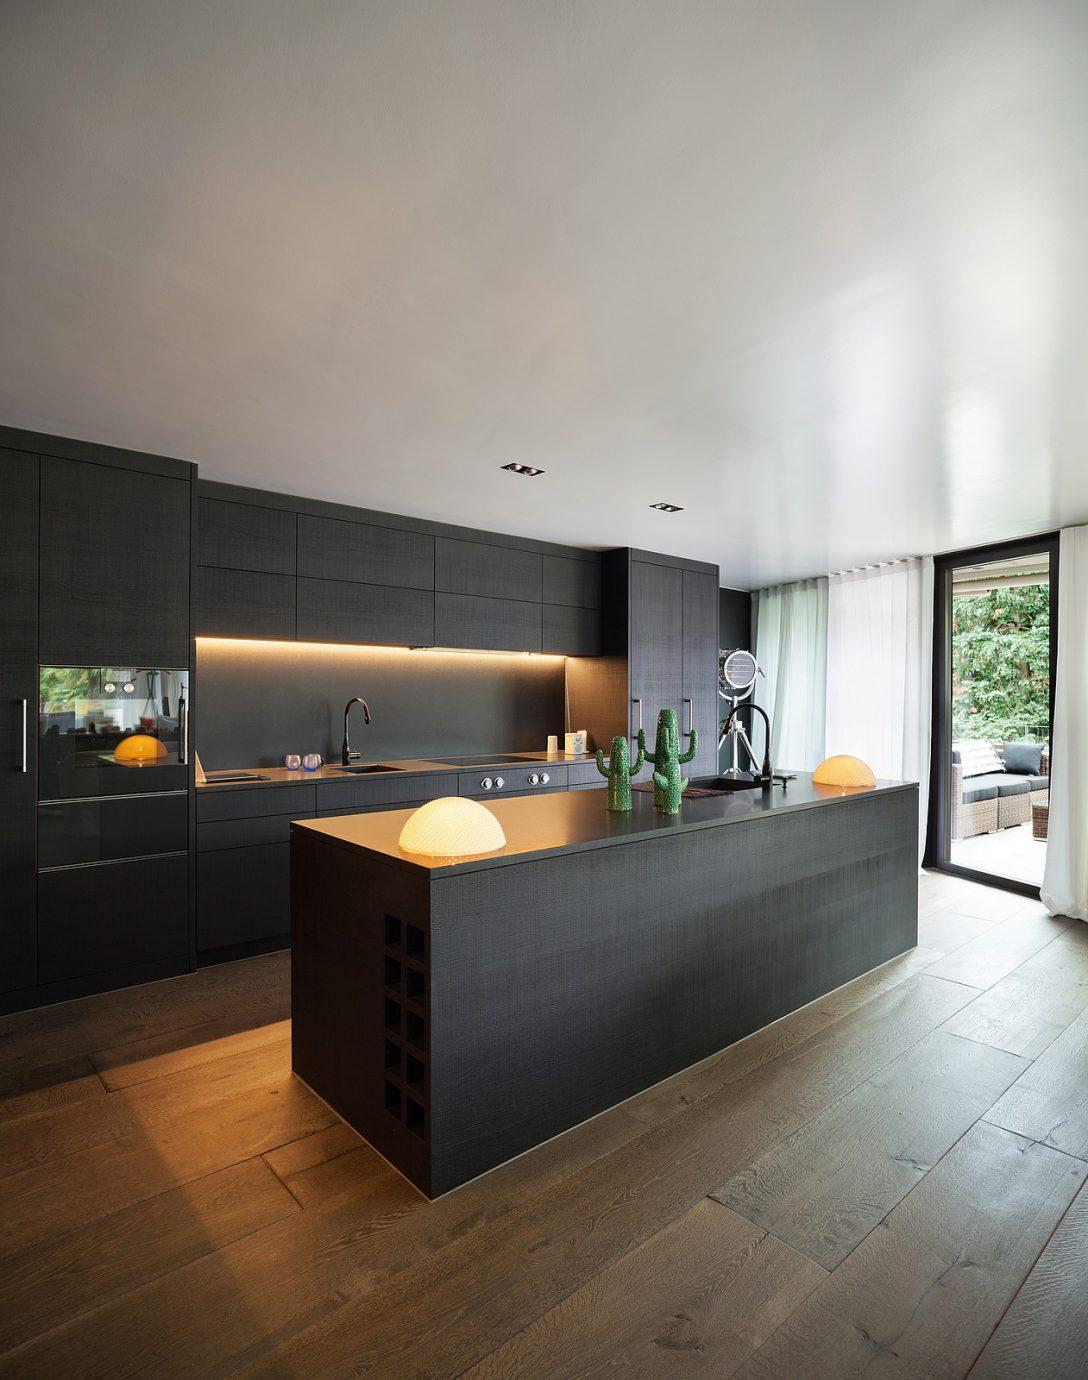 Large Size of Einbauküche Ohne Kühlschrank Kaufen Komplettküche Kaufen Kleine Komplettküche Komplettküche Mit Elektrogeräten Küche Einbauküche Ohne Kühlschrank